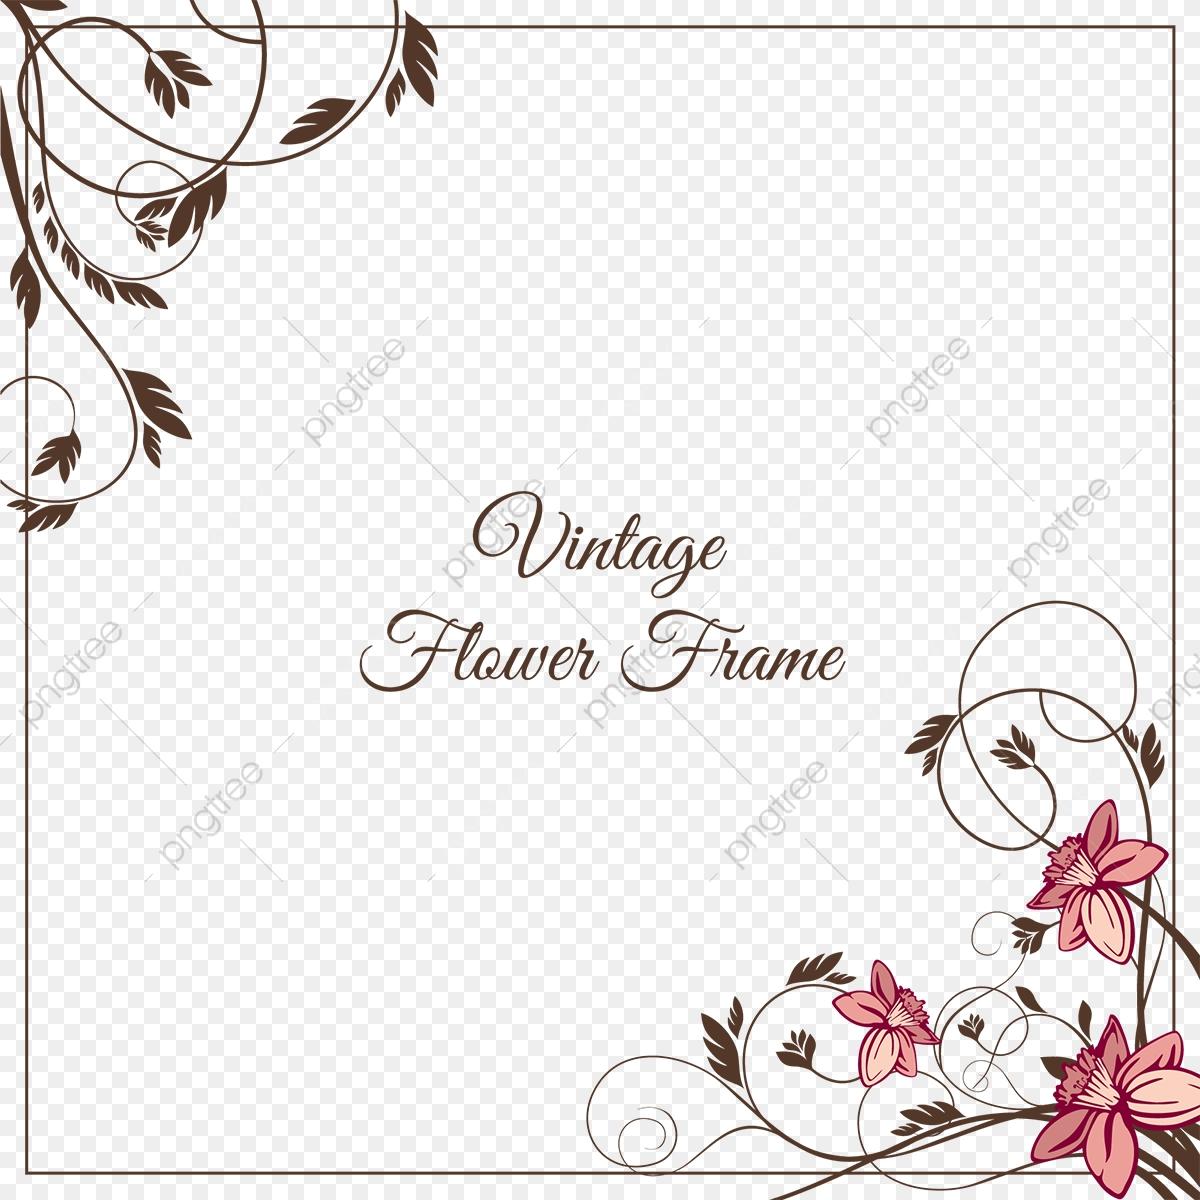 Vintage Flower Frame, Leaf, Flower, Pattern PNG and Vector.